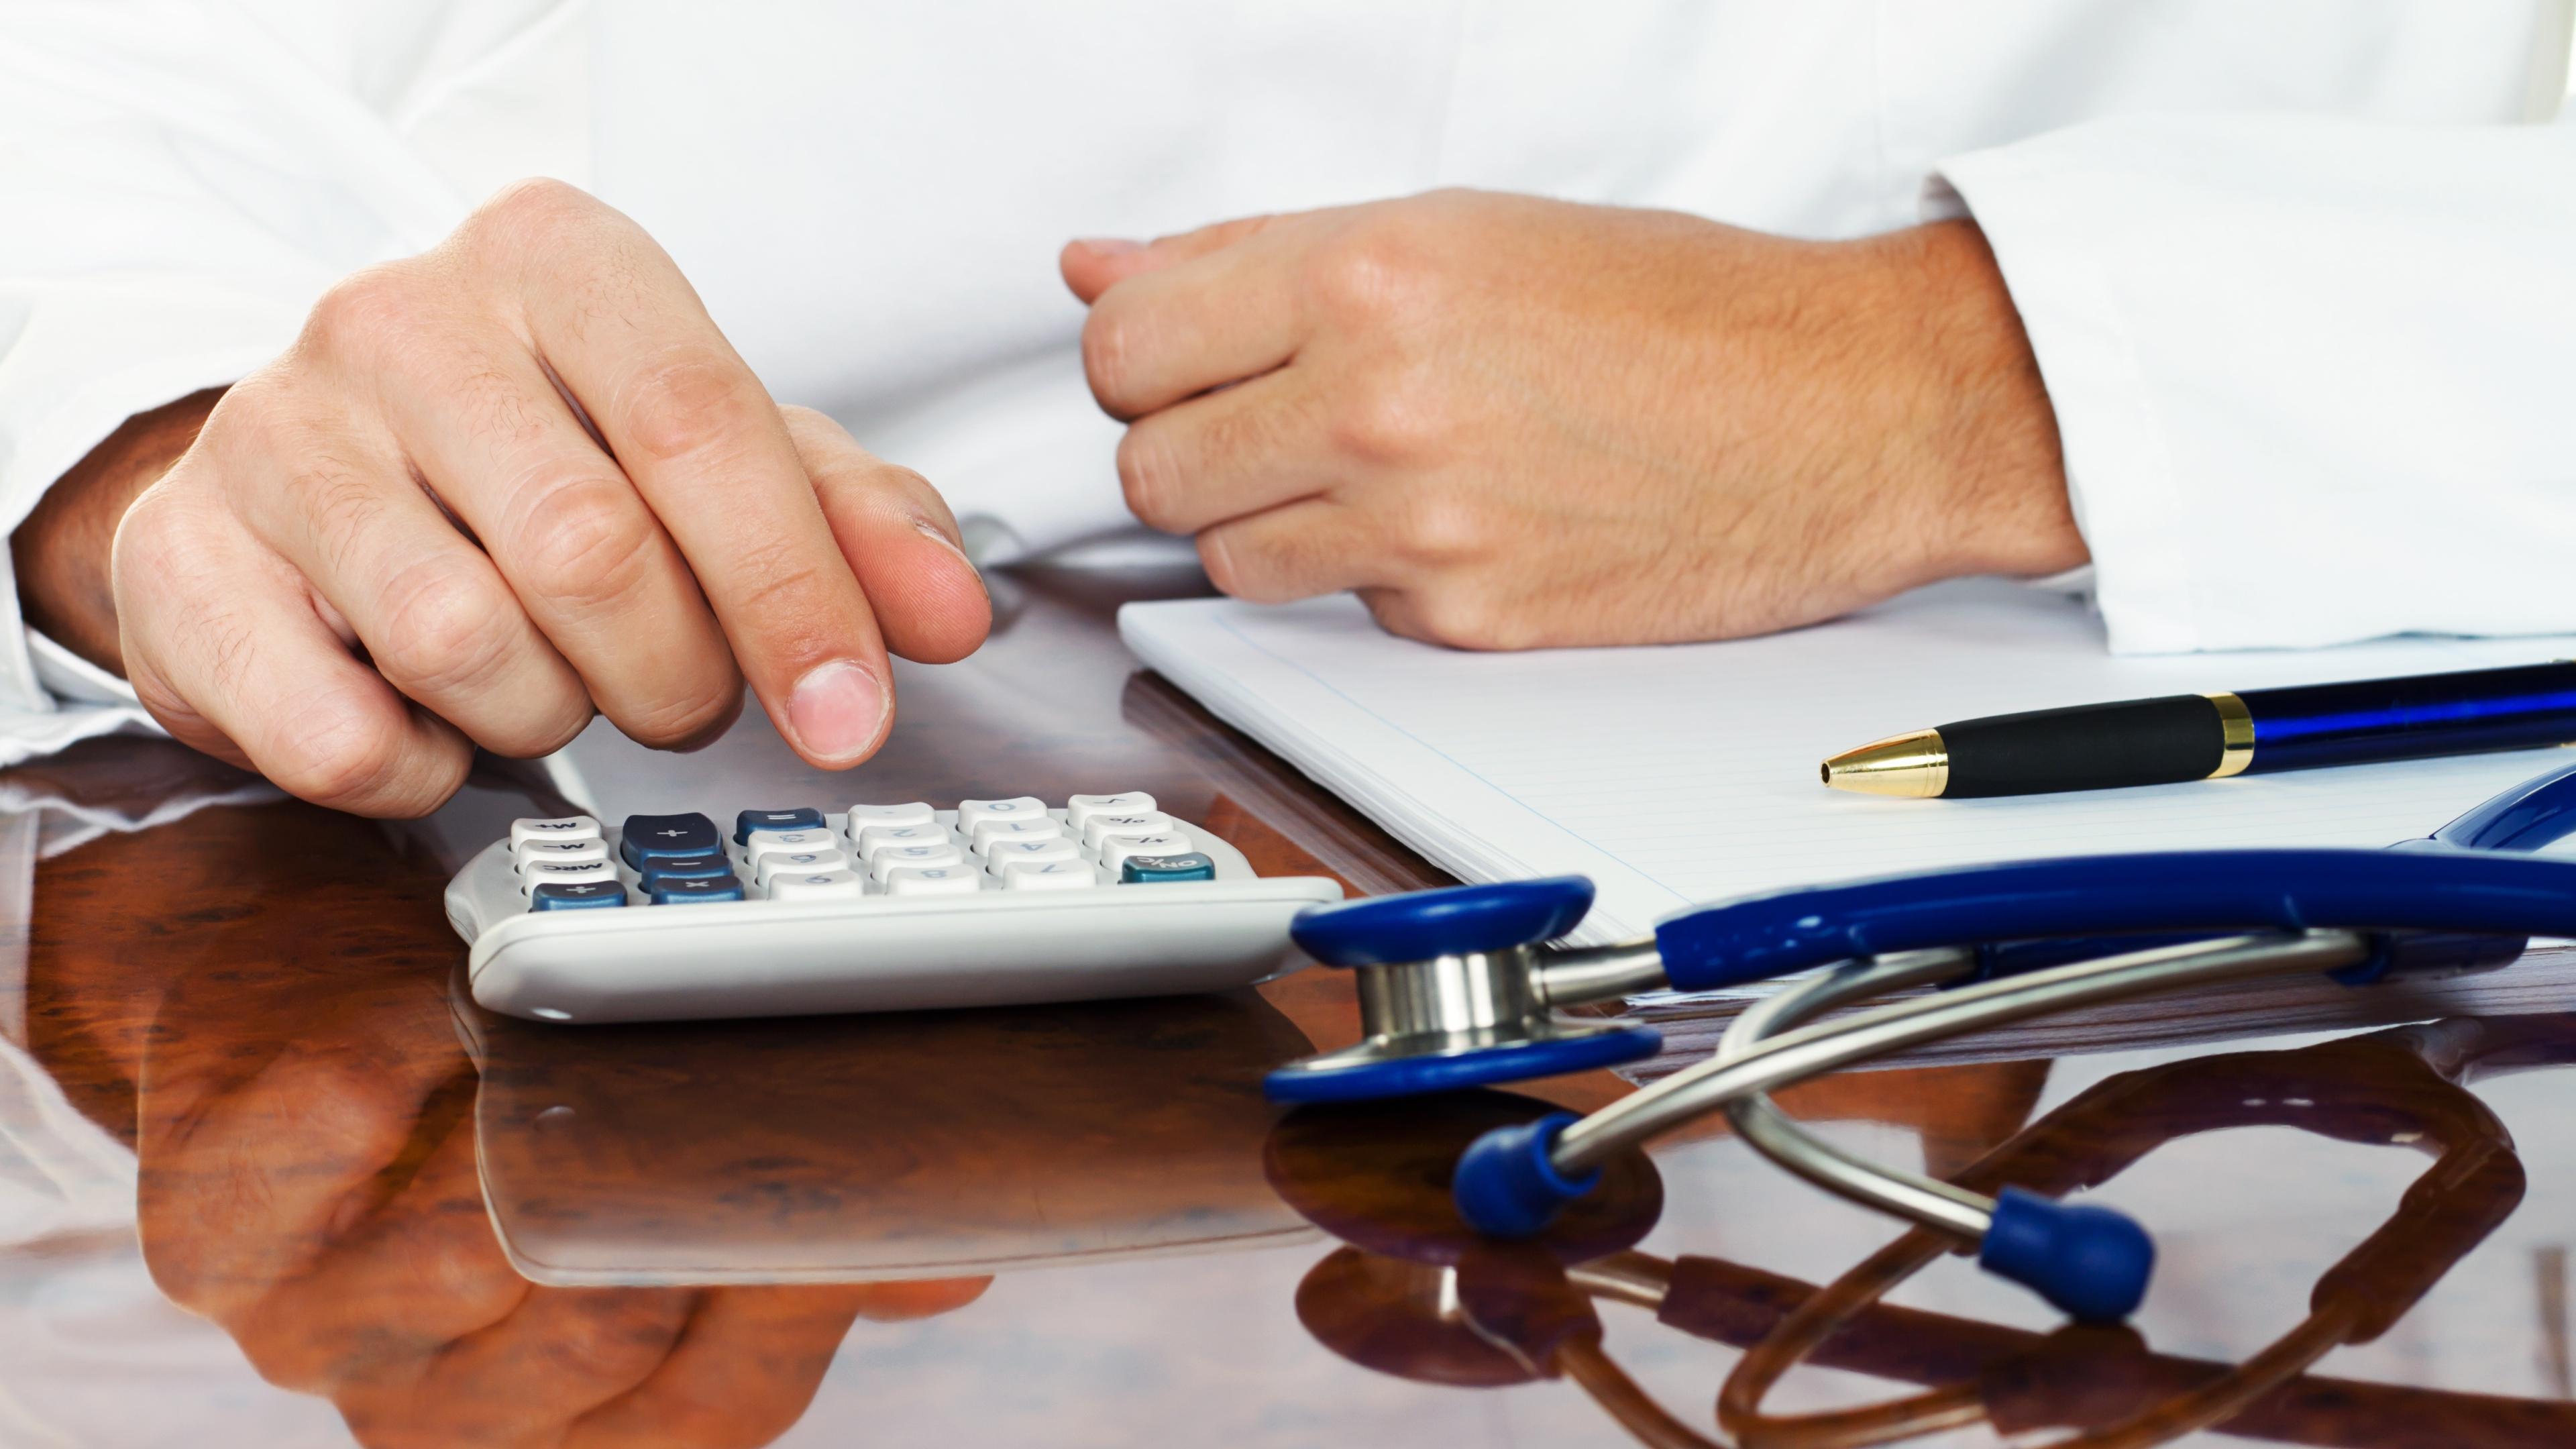 Частные клиники признали наличие раздутых стандартов для обследования и лечения